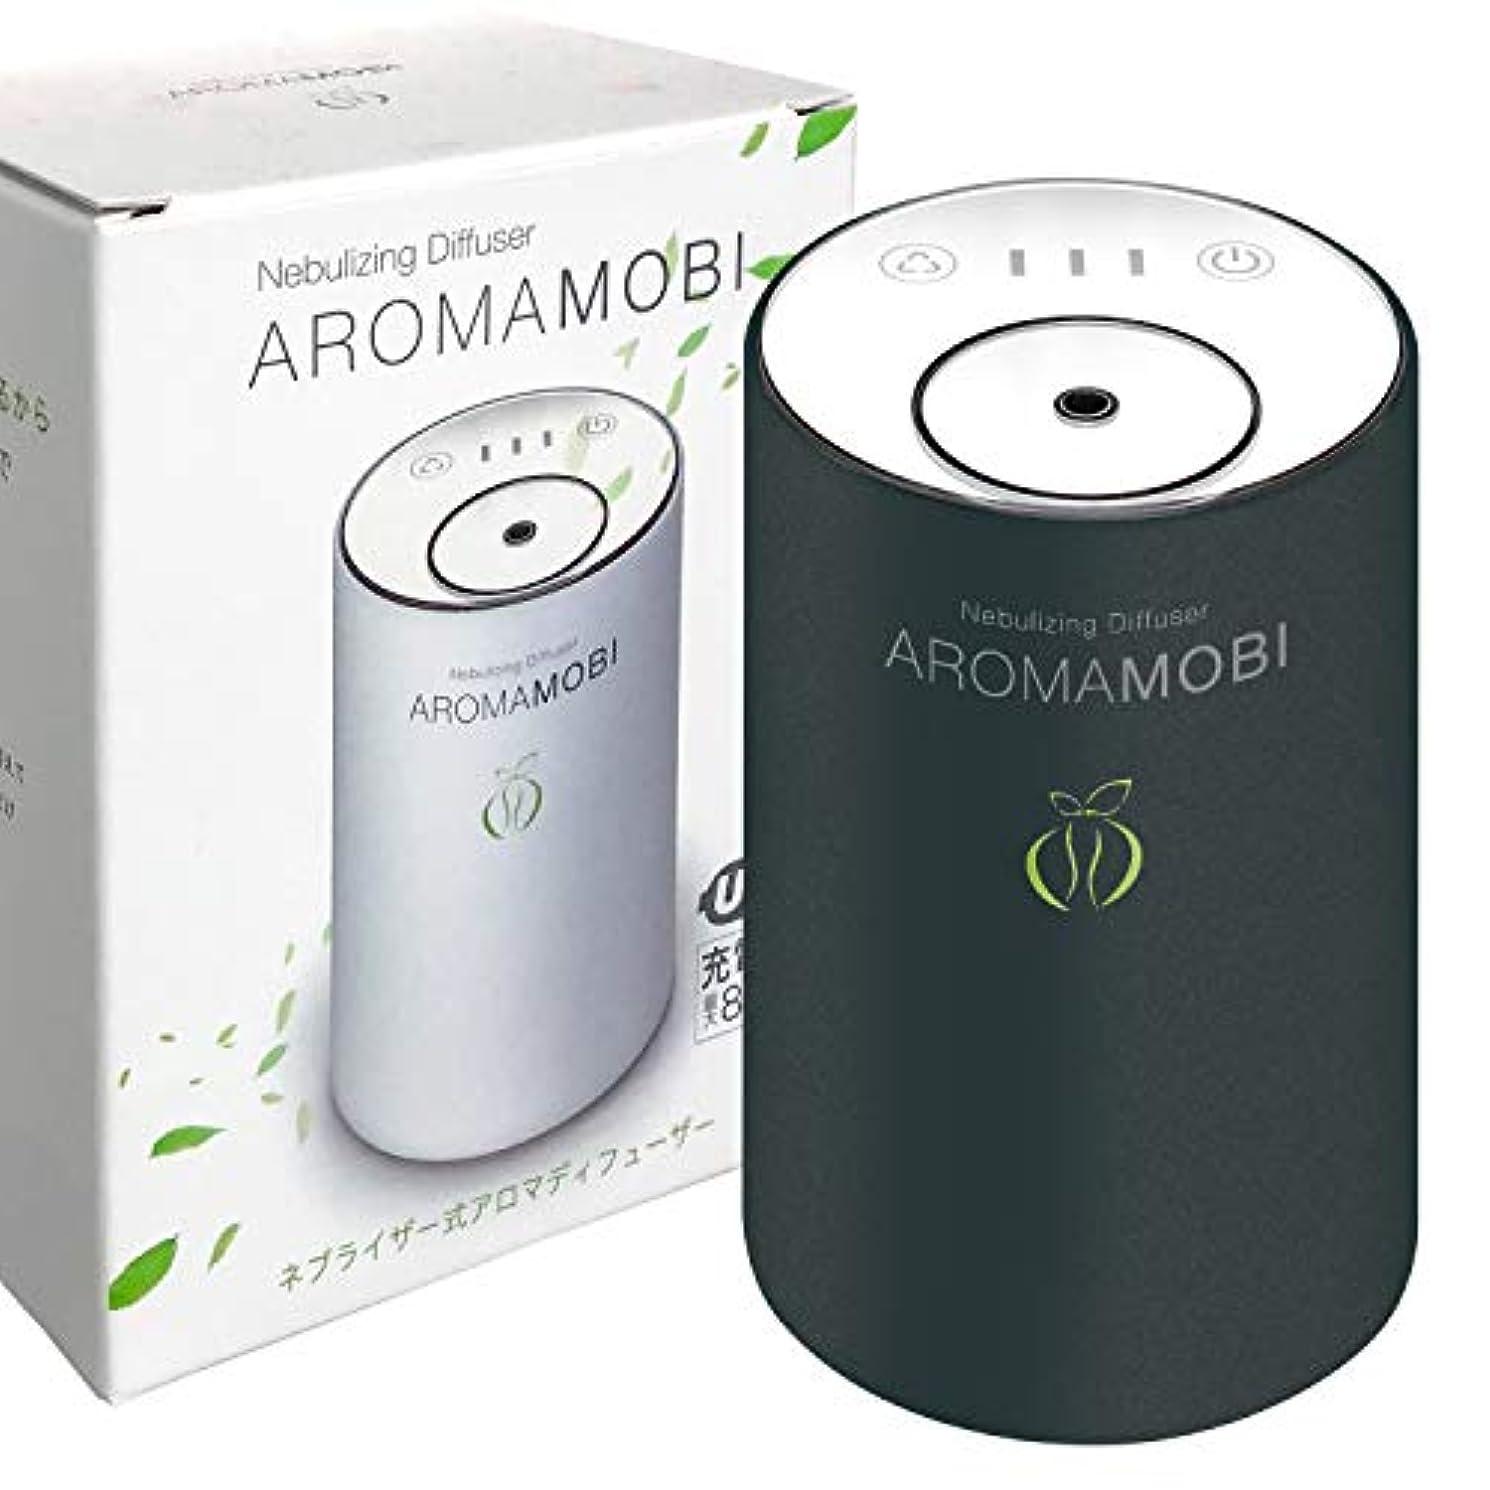 夢中無謀ピンクfunks AROMA MOBI 充電式 アロマディフューザー ネブライザー式 ブラック